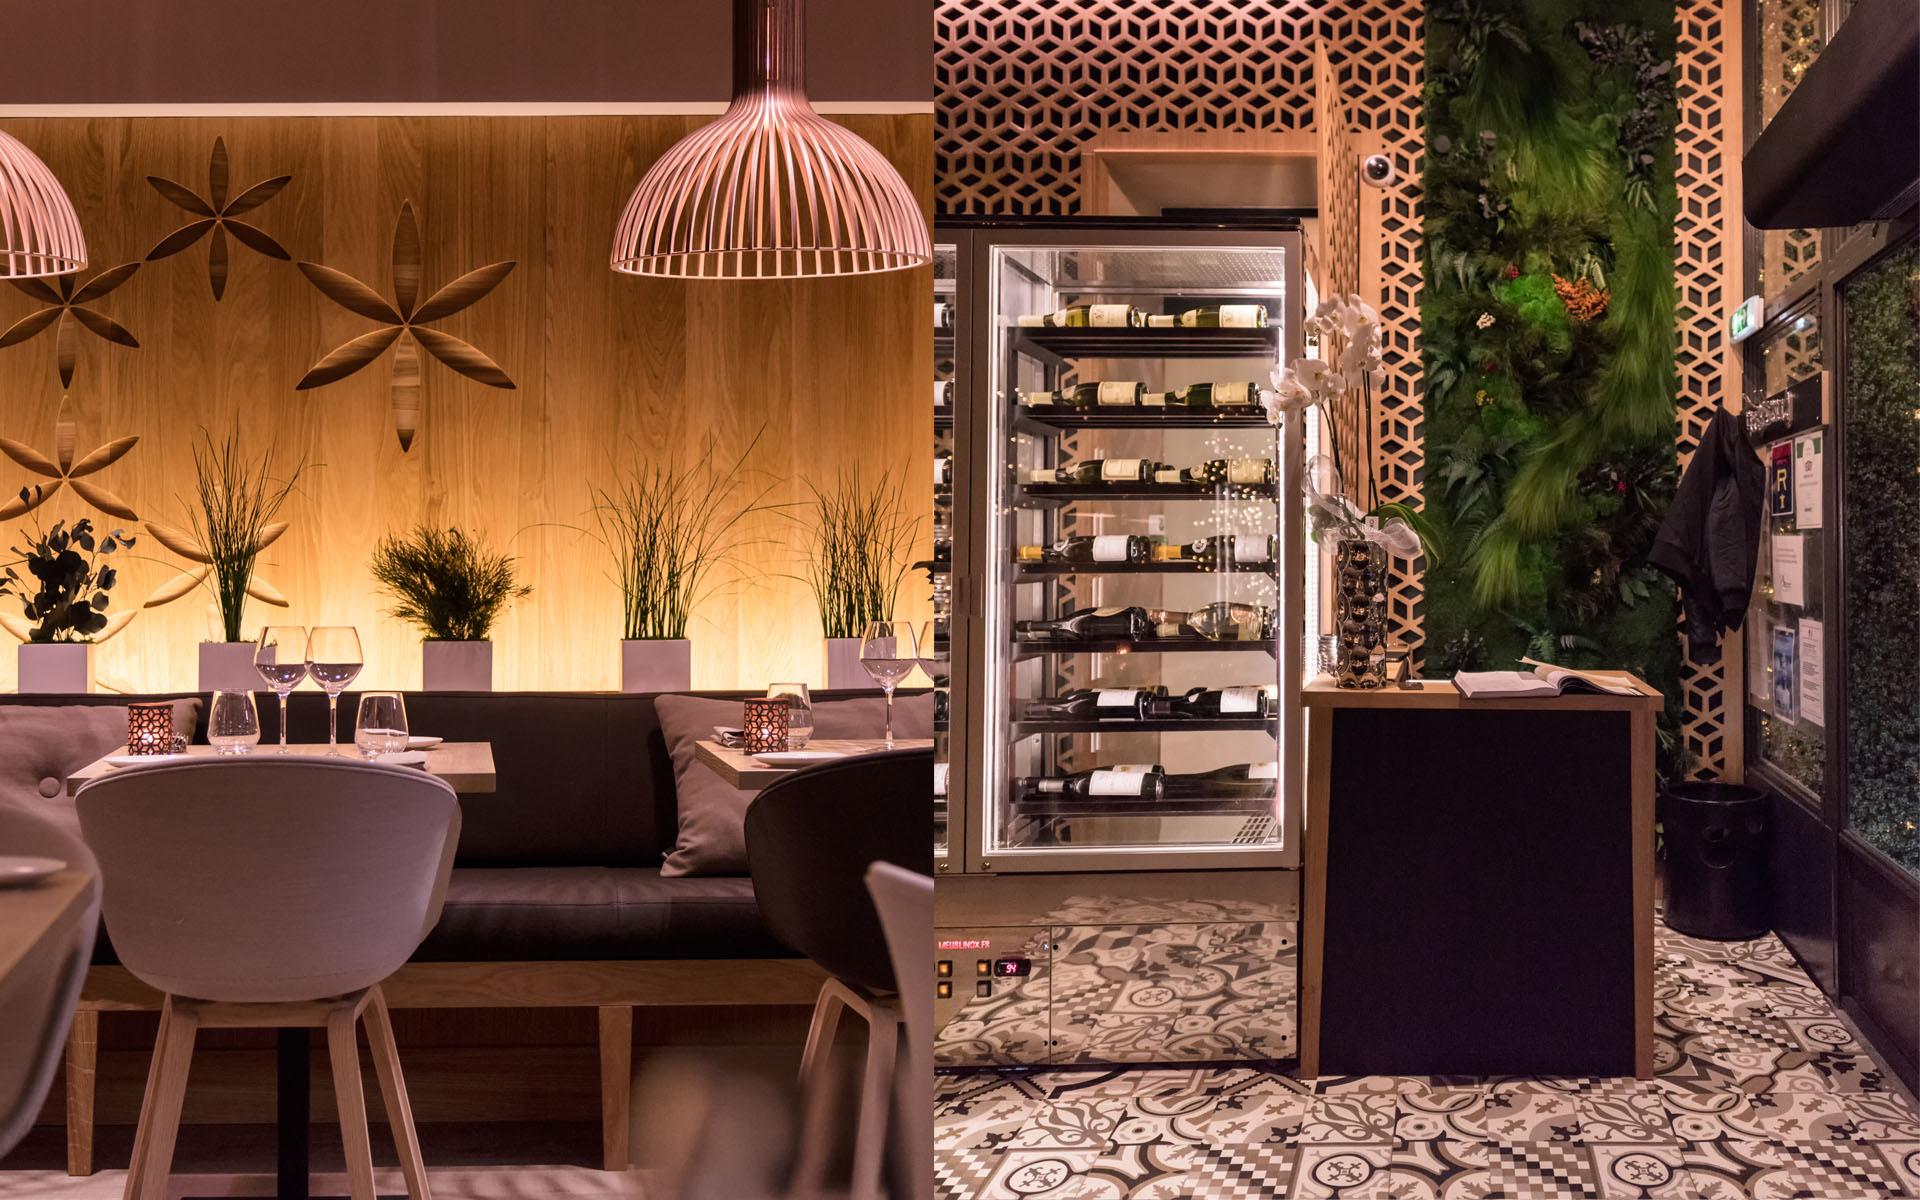 intérieur du restaurant coté cour à aix en provence 7